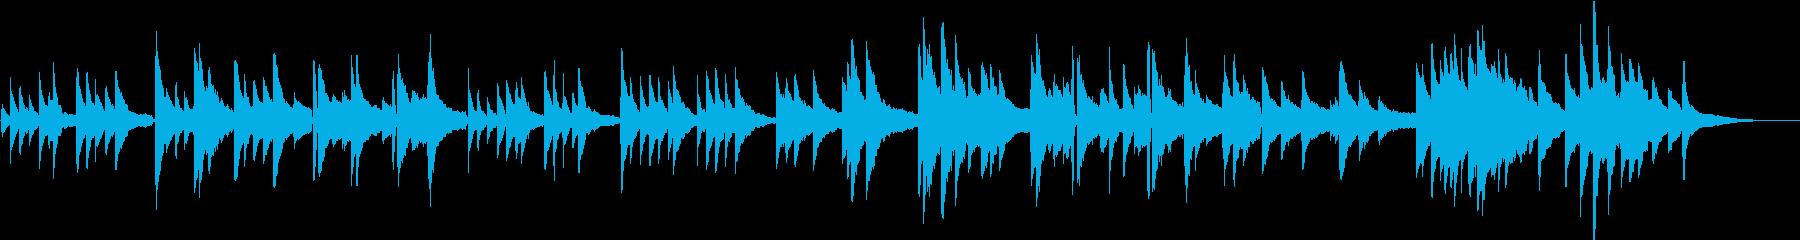 生演奏 寂しげなピアノ曲の再生済みの波形